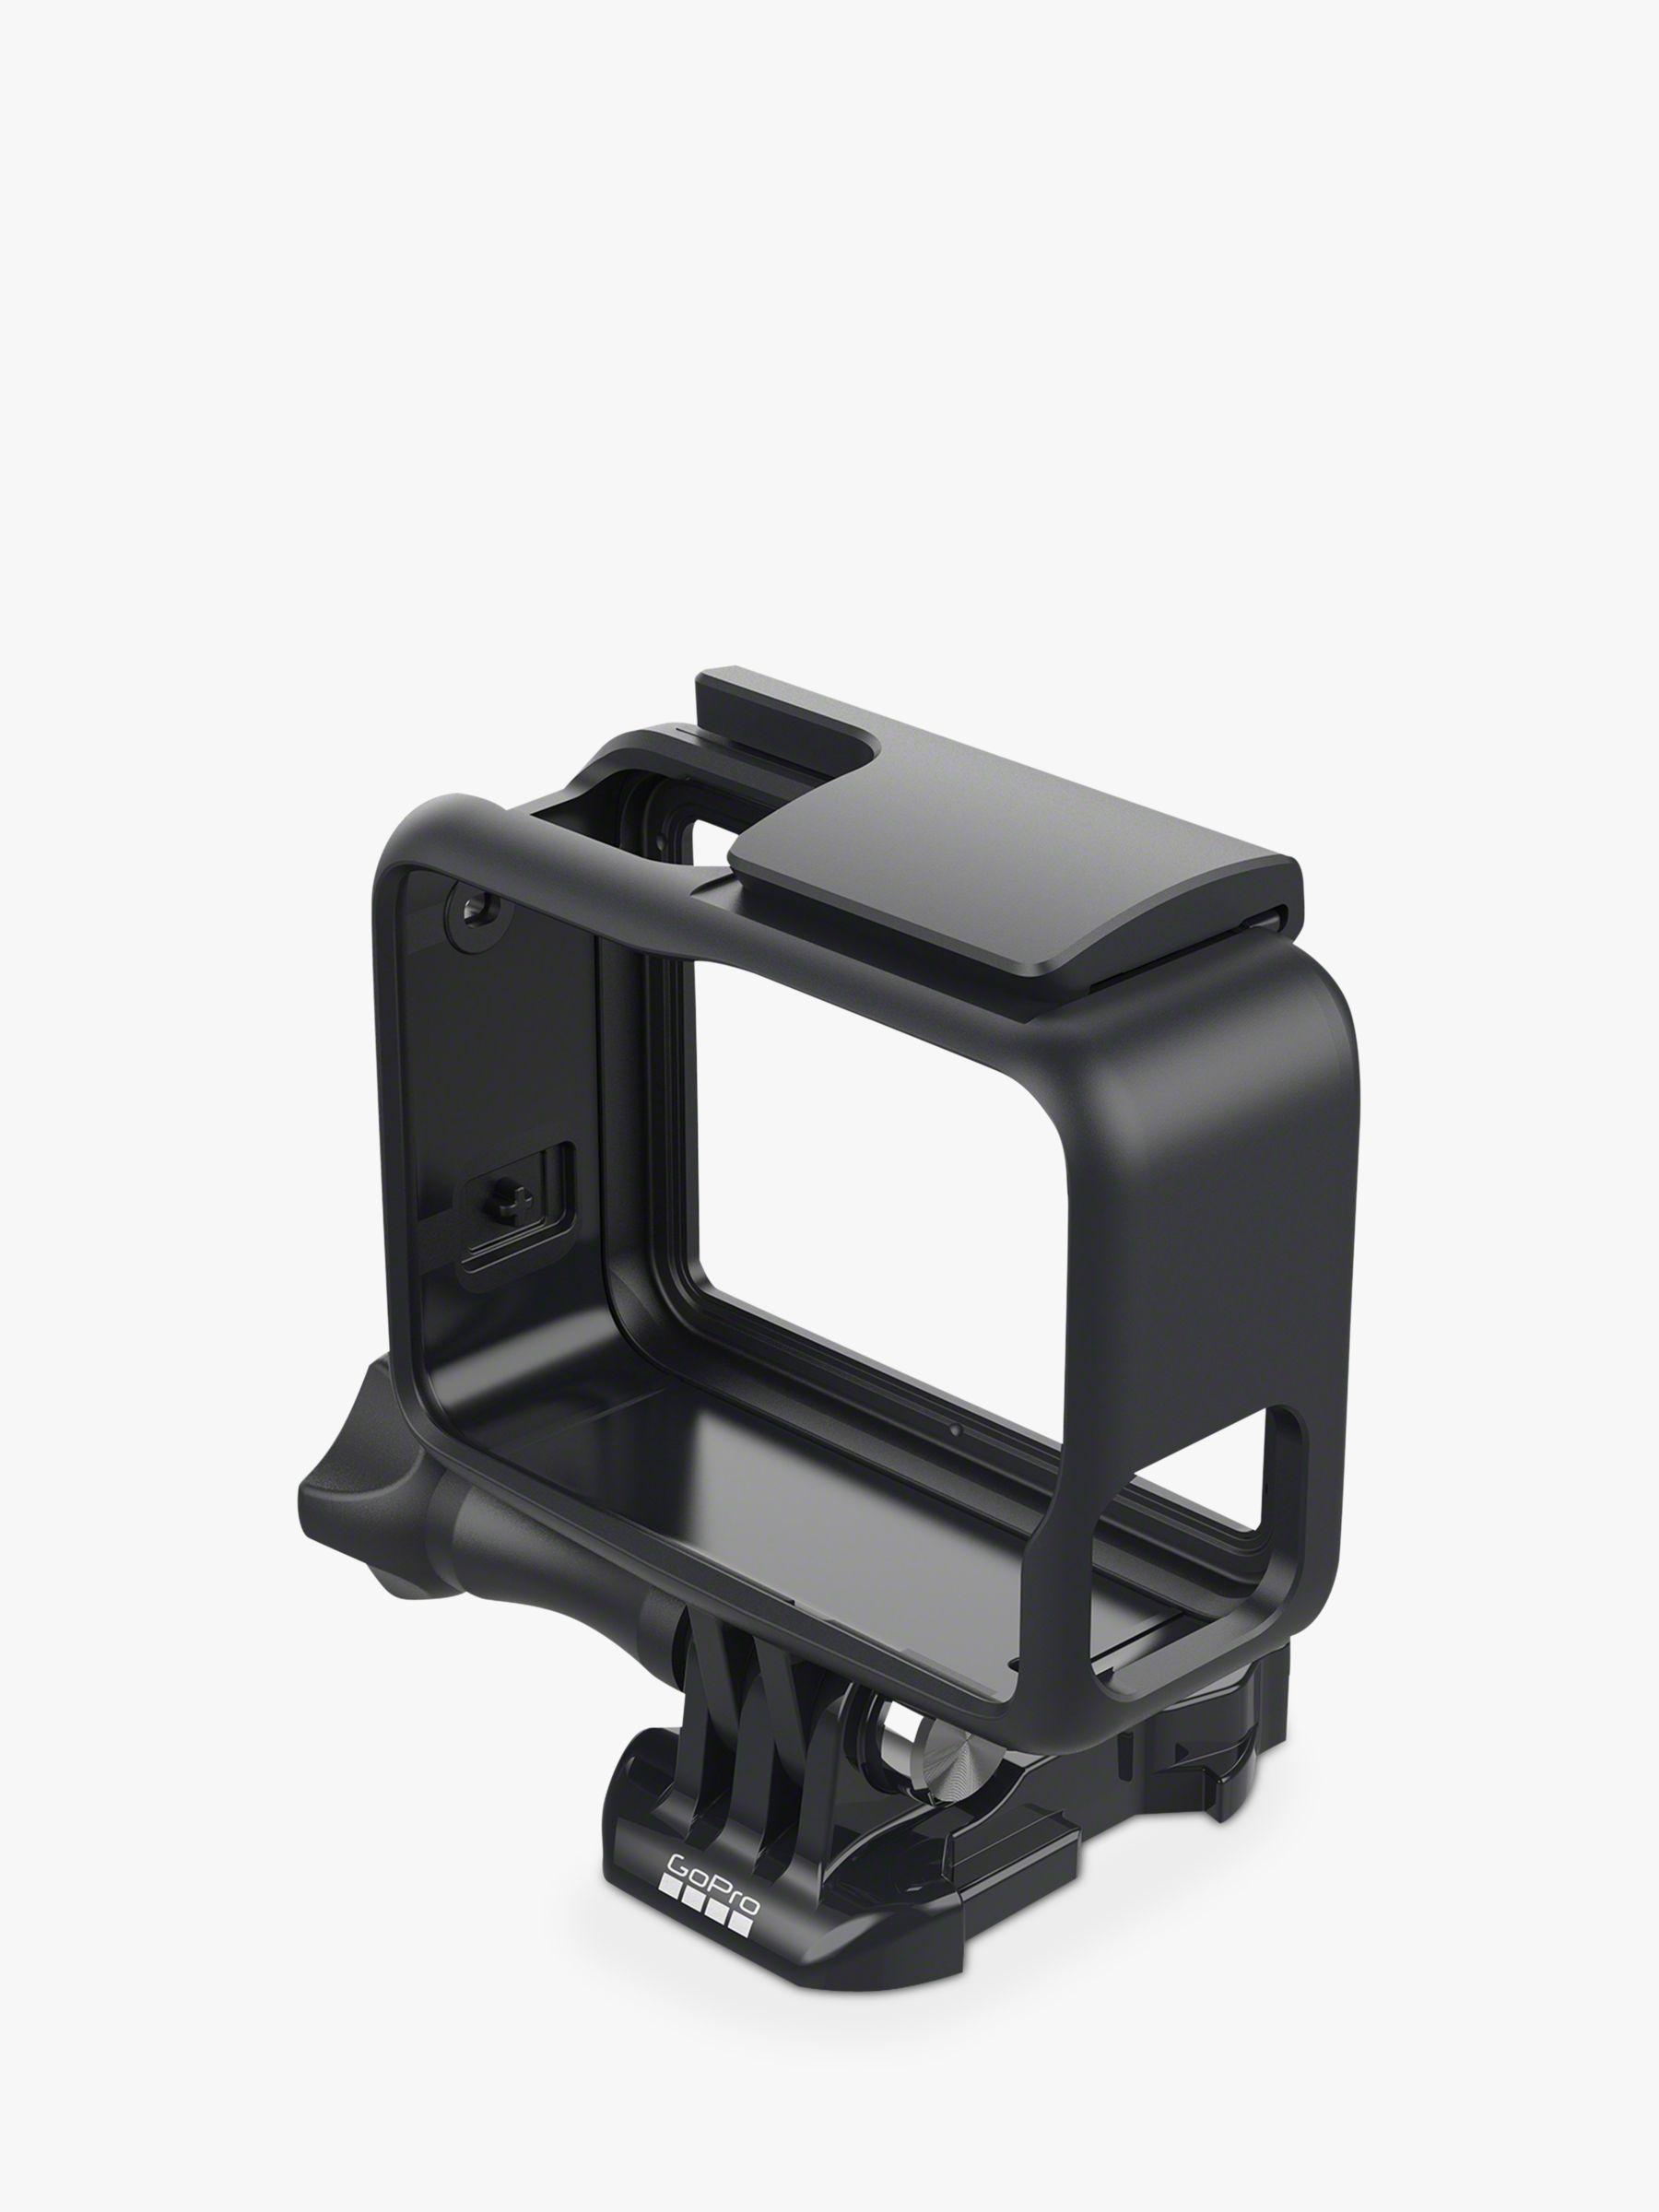 Gopro GoPro The Frame for HERO5 Black